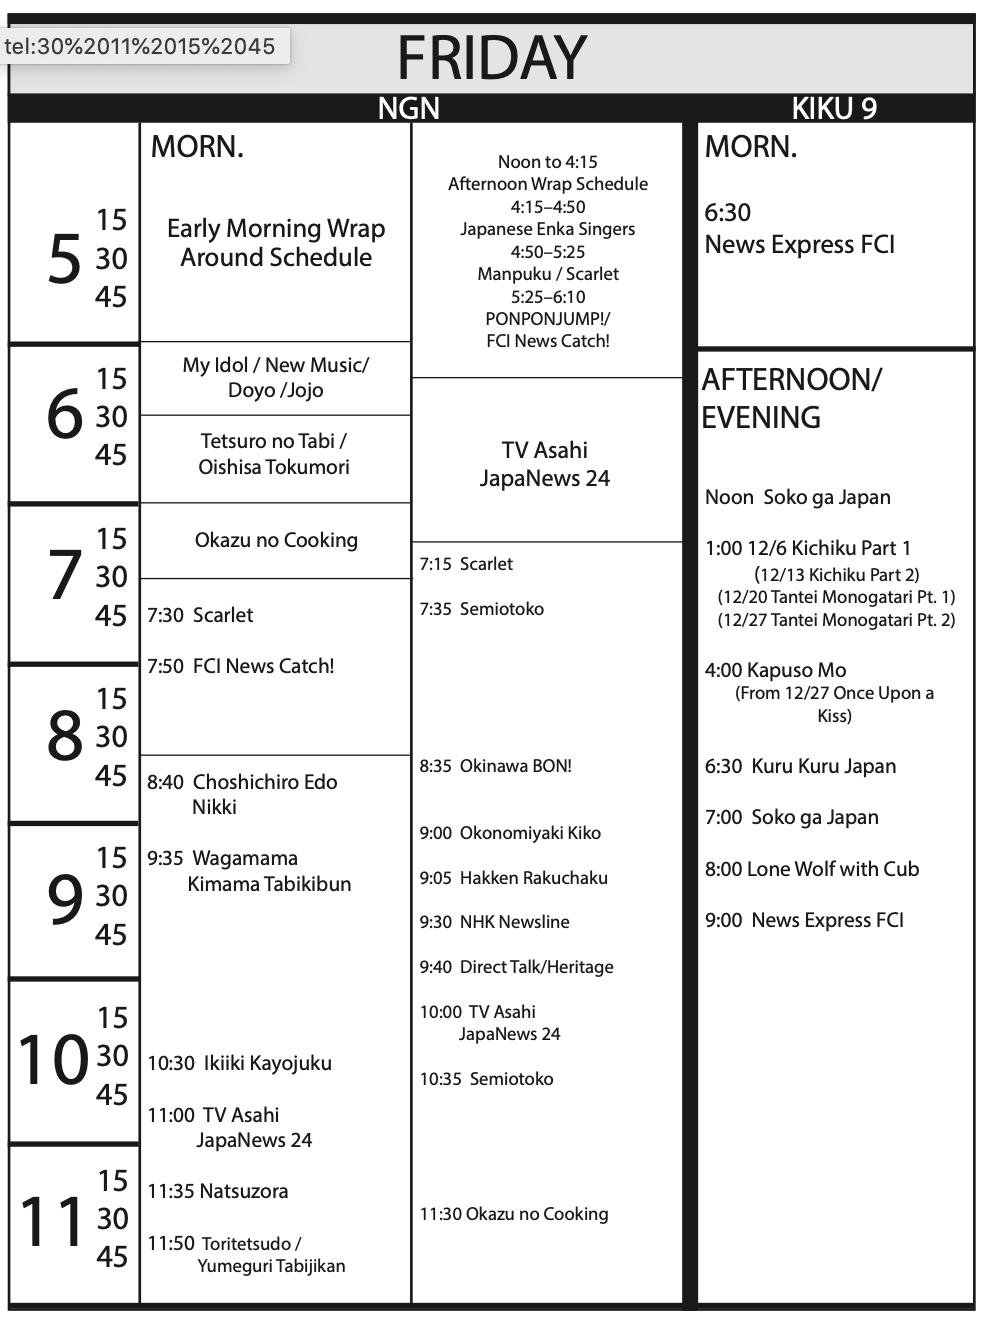 TV Program Schedule 11/15/19 Issue - Friday